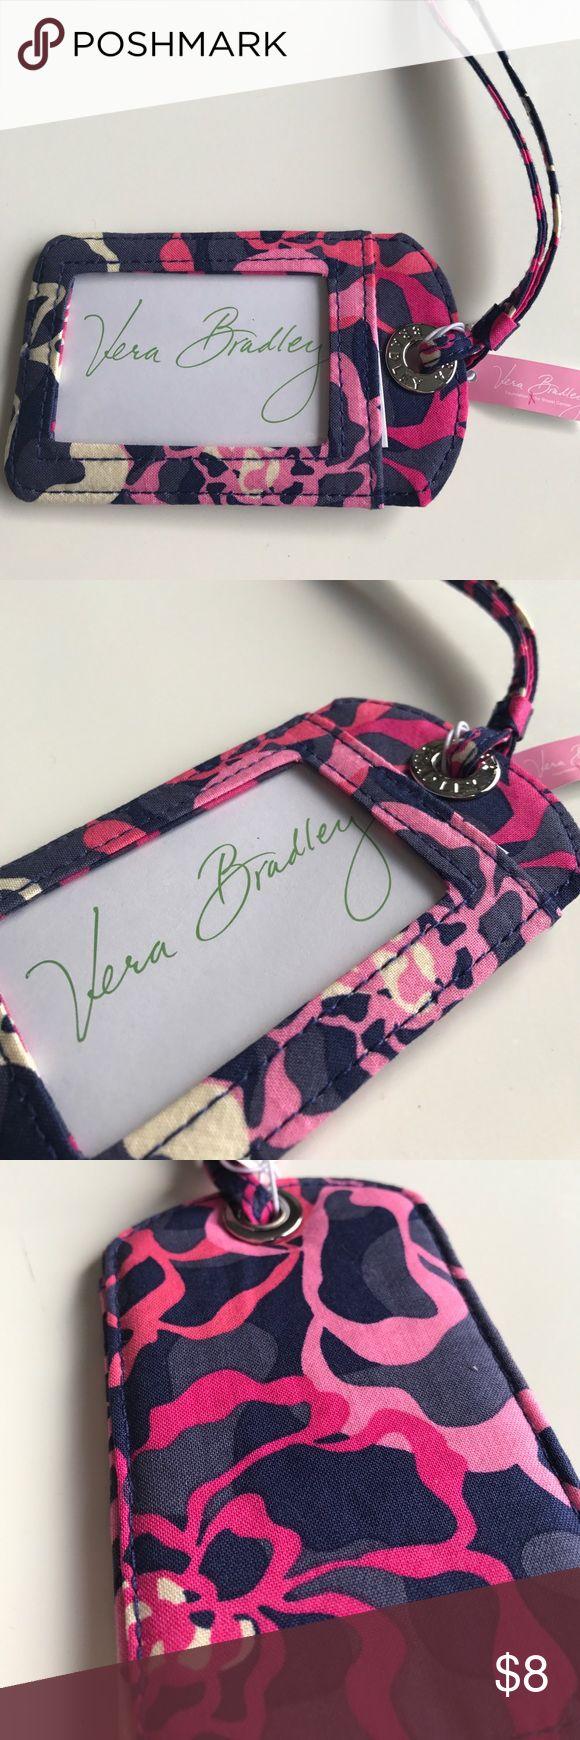 NWT Vera Bradley Luggage Tag 💜 NWT Vera Bradley Luggage Tag in Paisley in Katalina Pink. Vera Bradley Bags Travel Bags